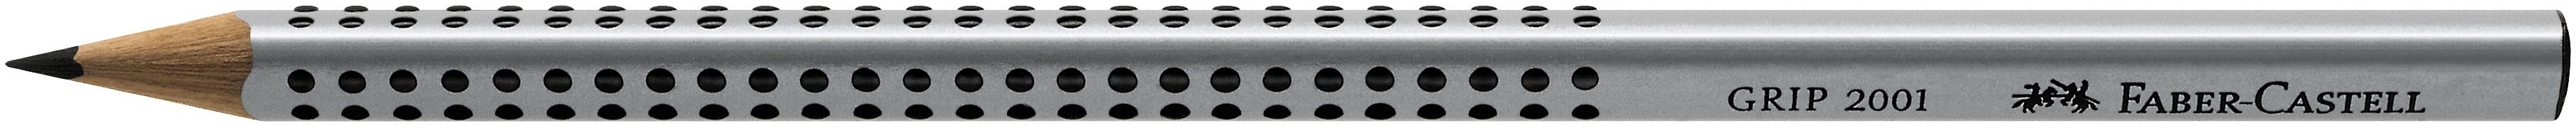 Faber-Castell Bleistift GRIP 2001 - HB, silbergrau